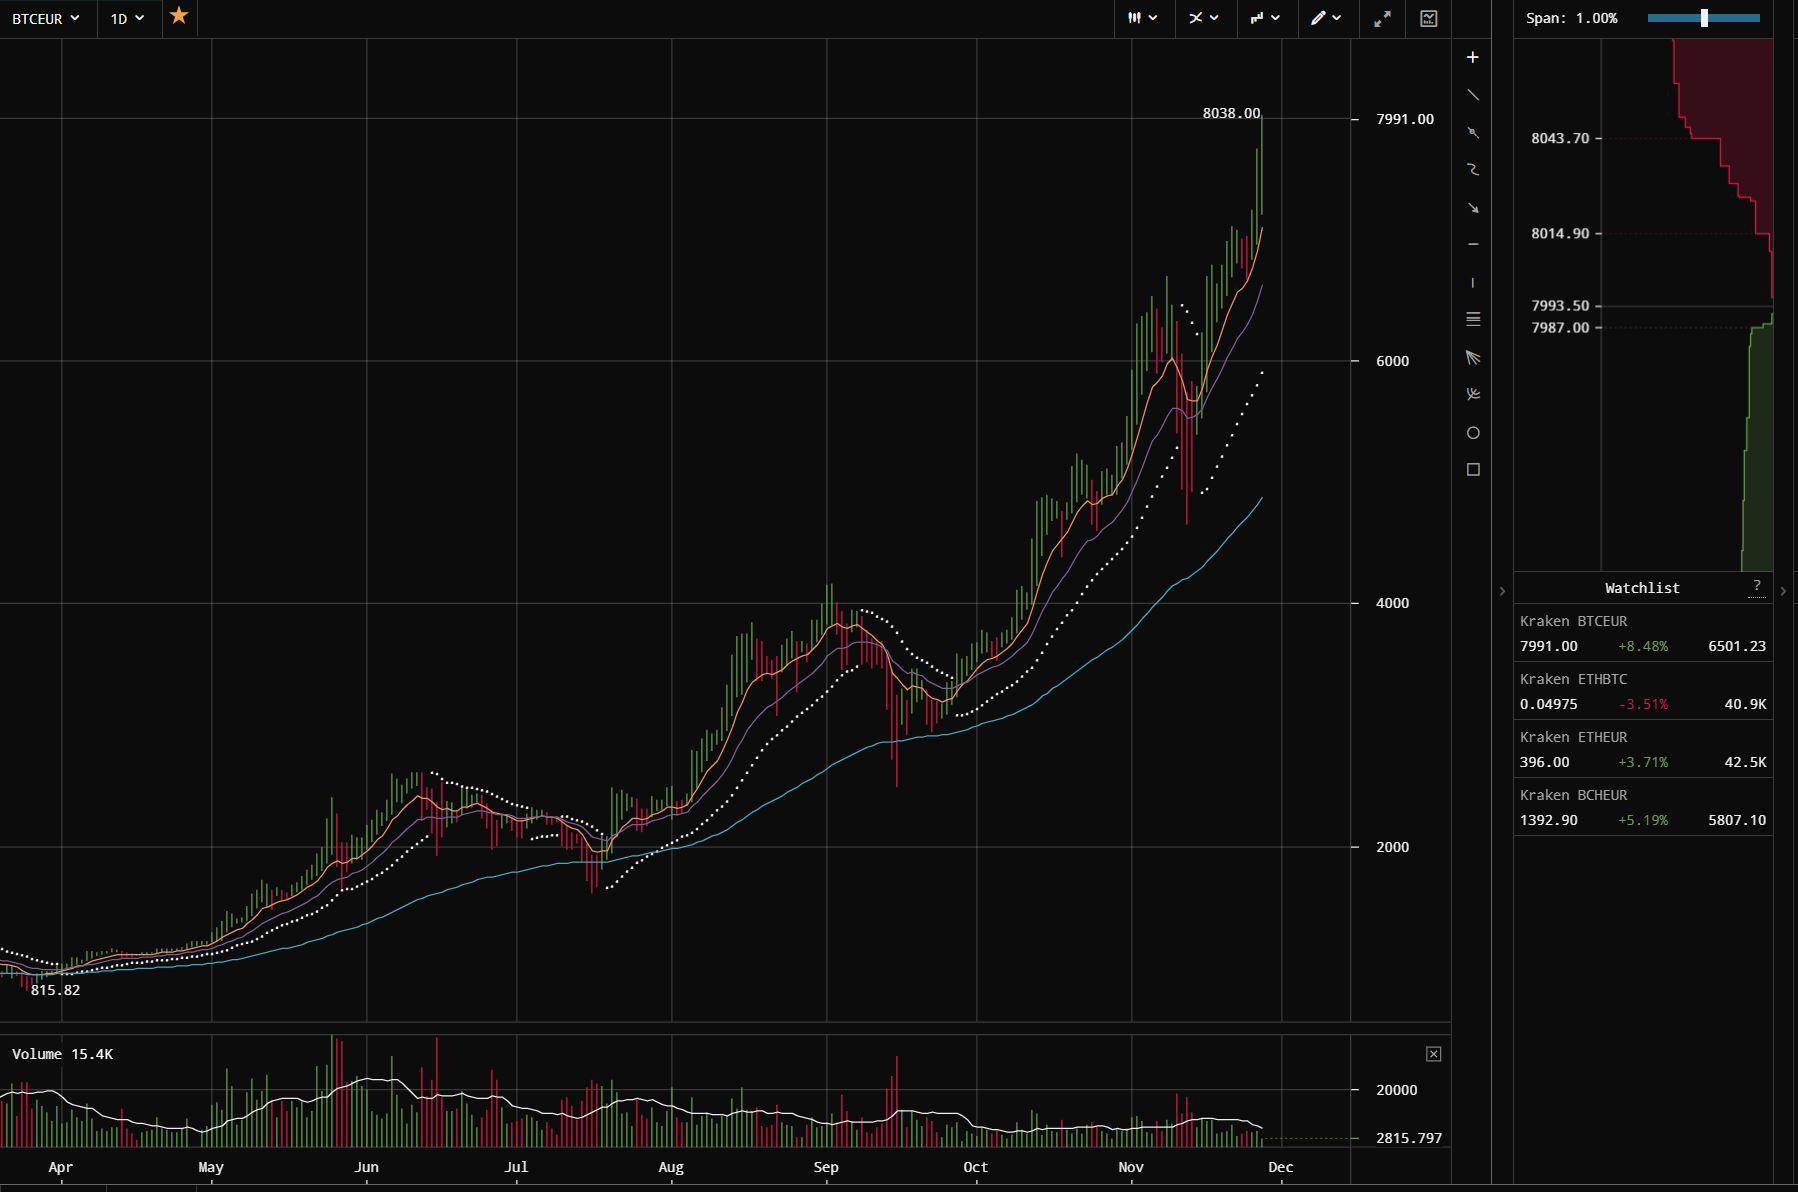 Le cours du Bitcoin dépasse les 10 000 dollars